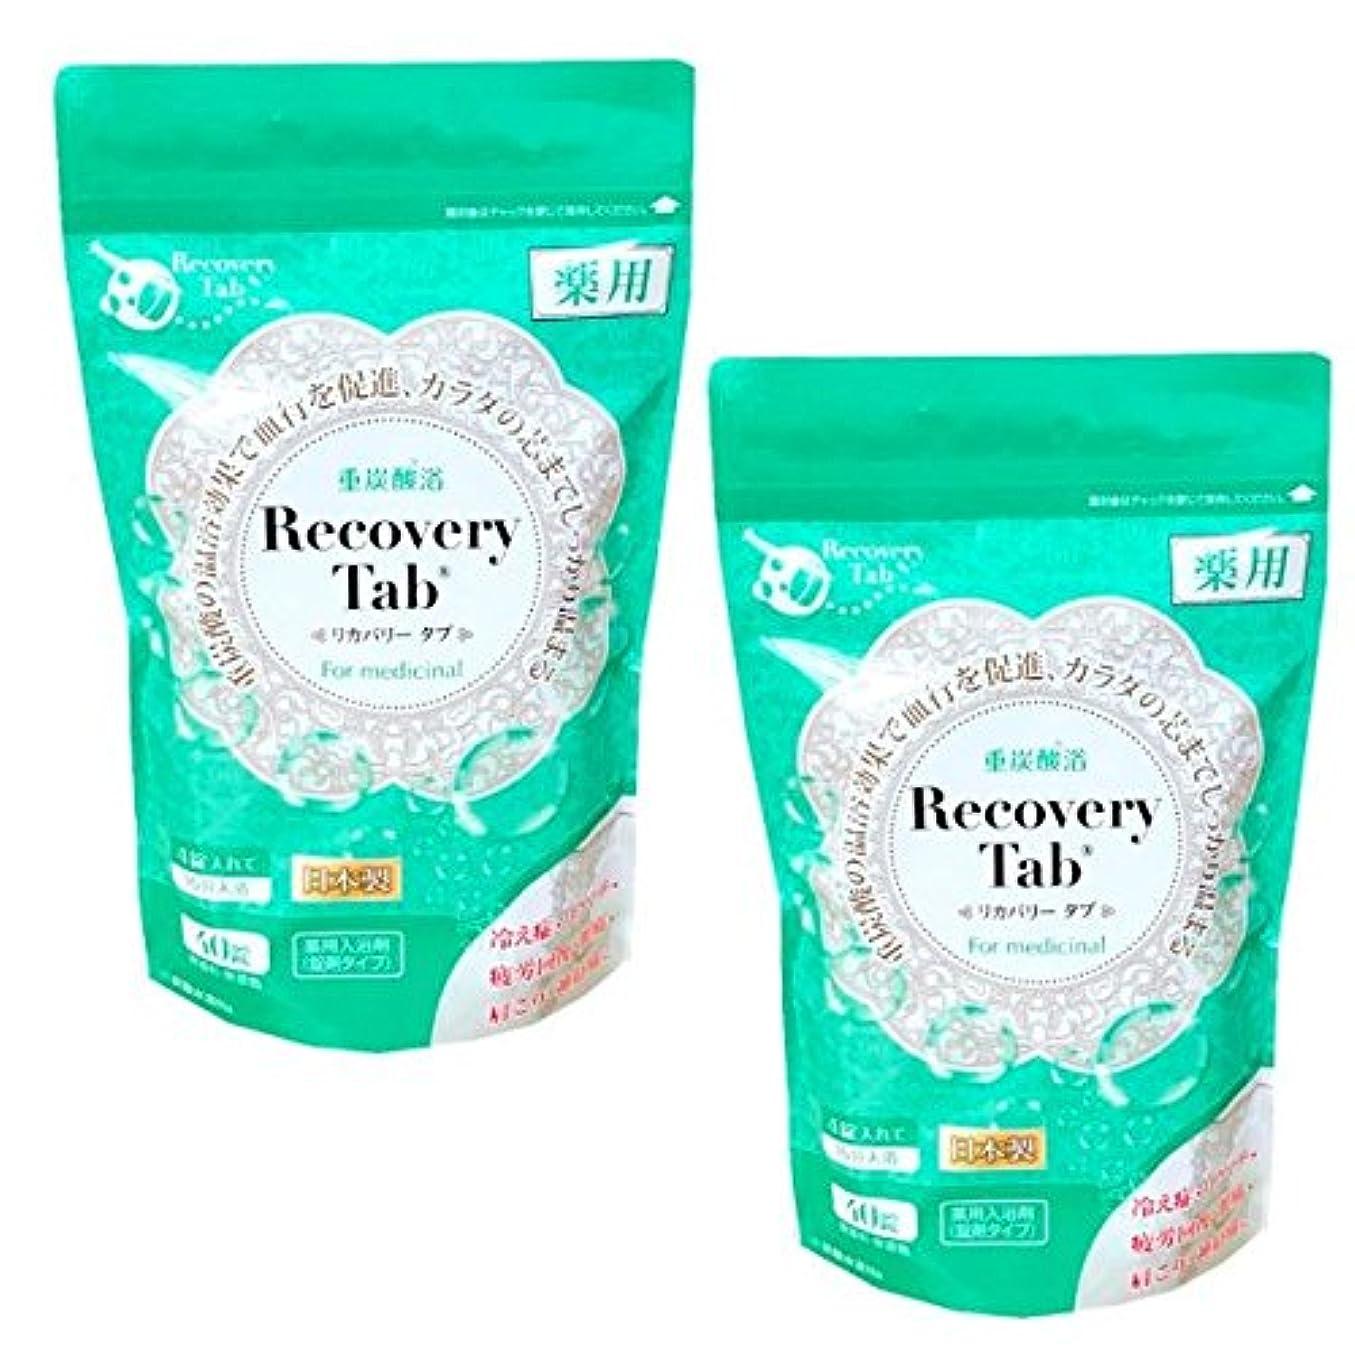 引き出す最少スリム薬用リカバリータブ 40錠入 2個セット 薬用入浴剤 日本製